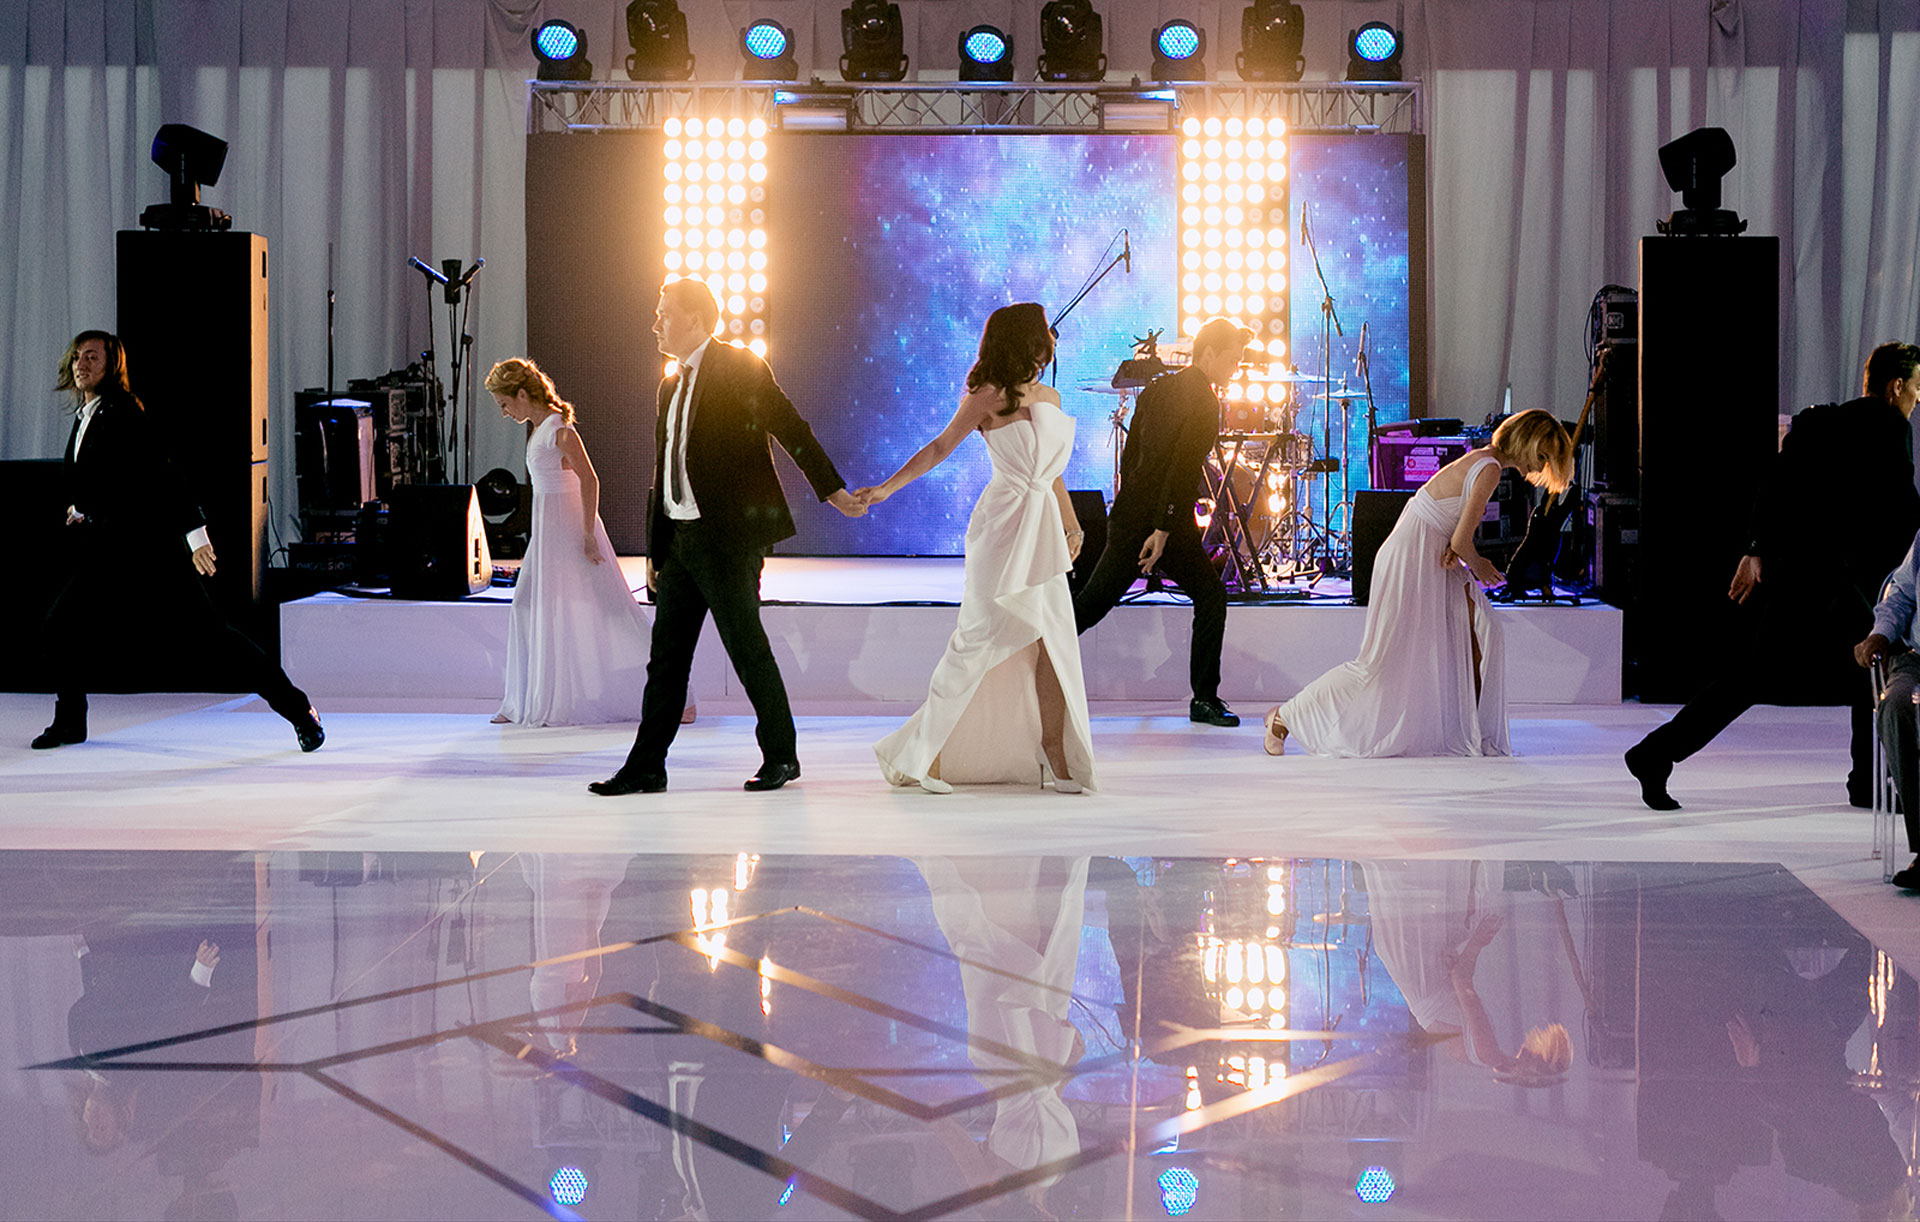 В отражении друг друга. Свадьба Андрея и Алины фото 12